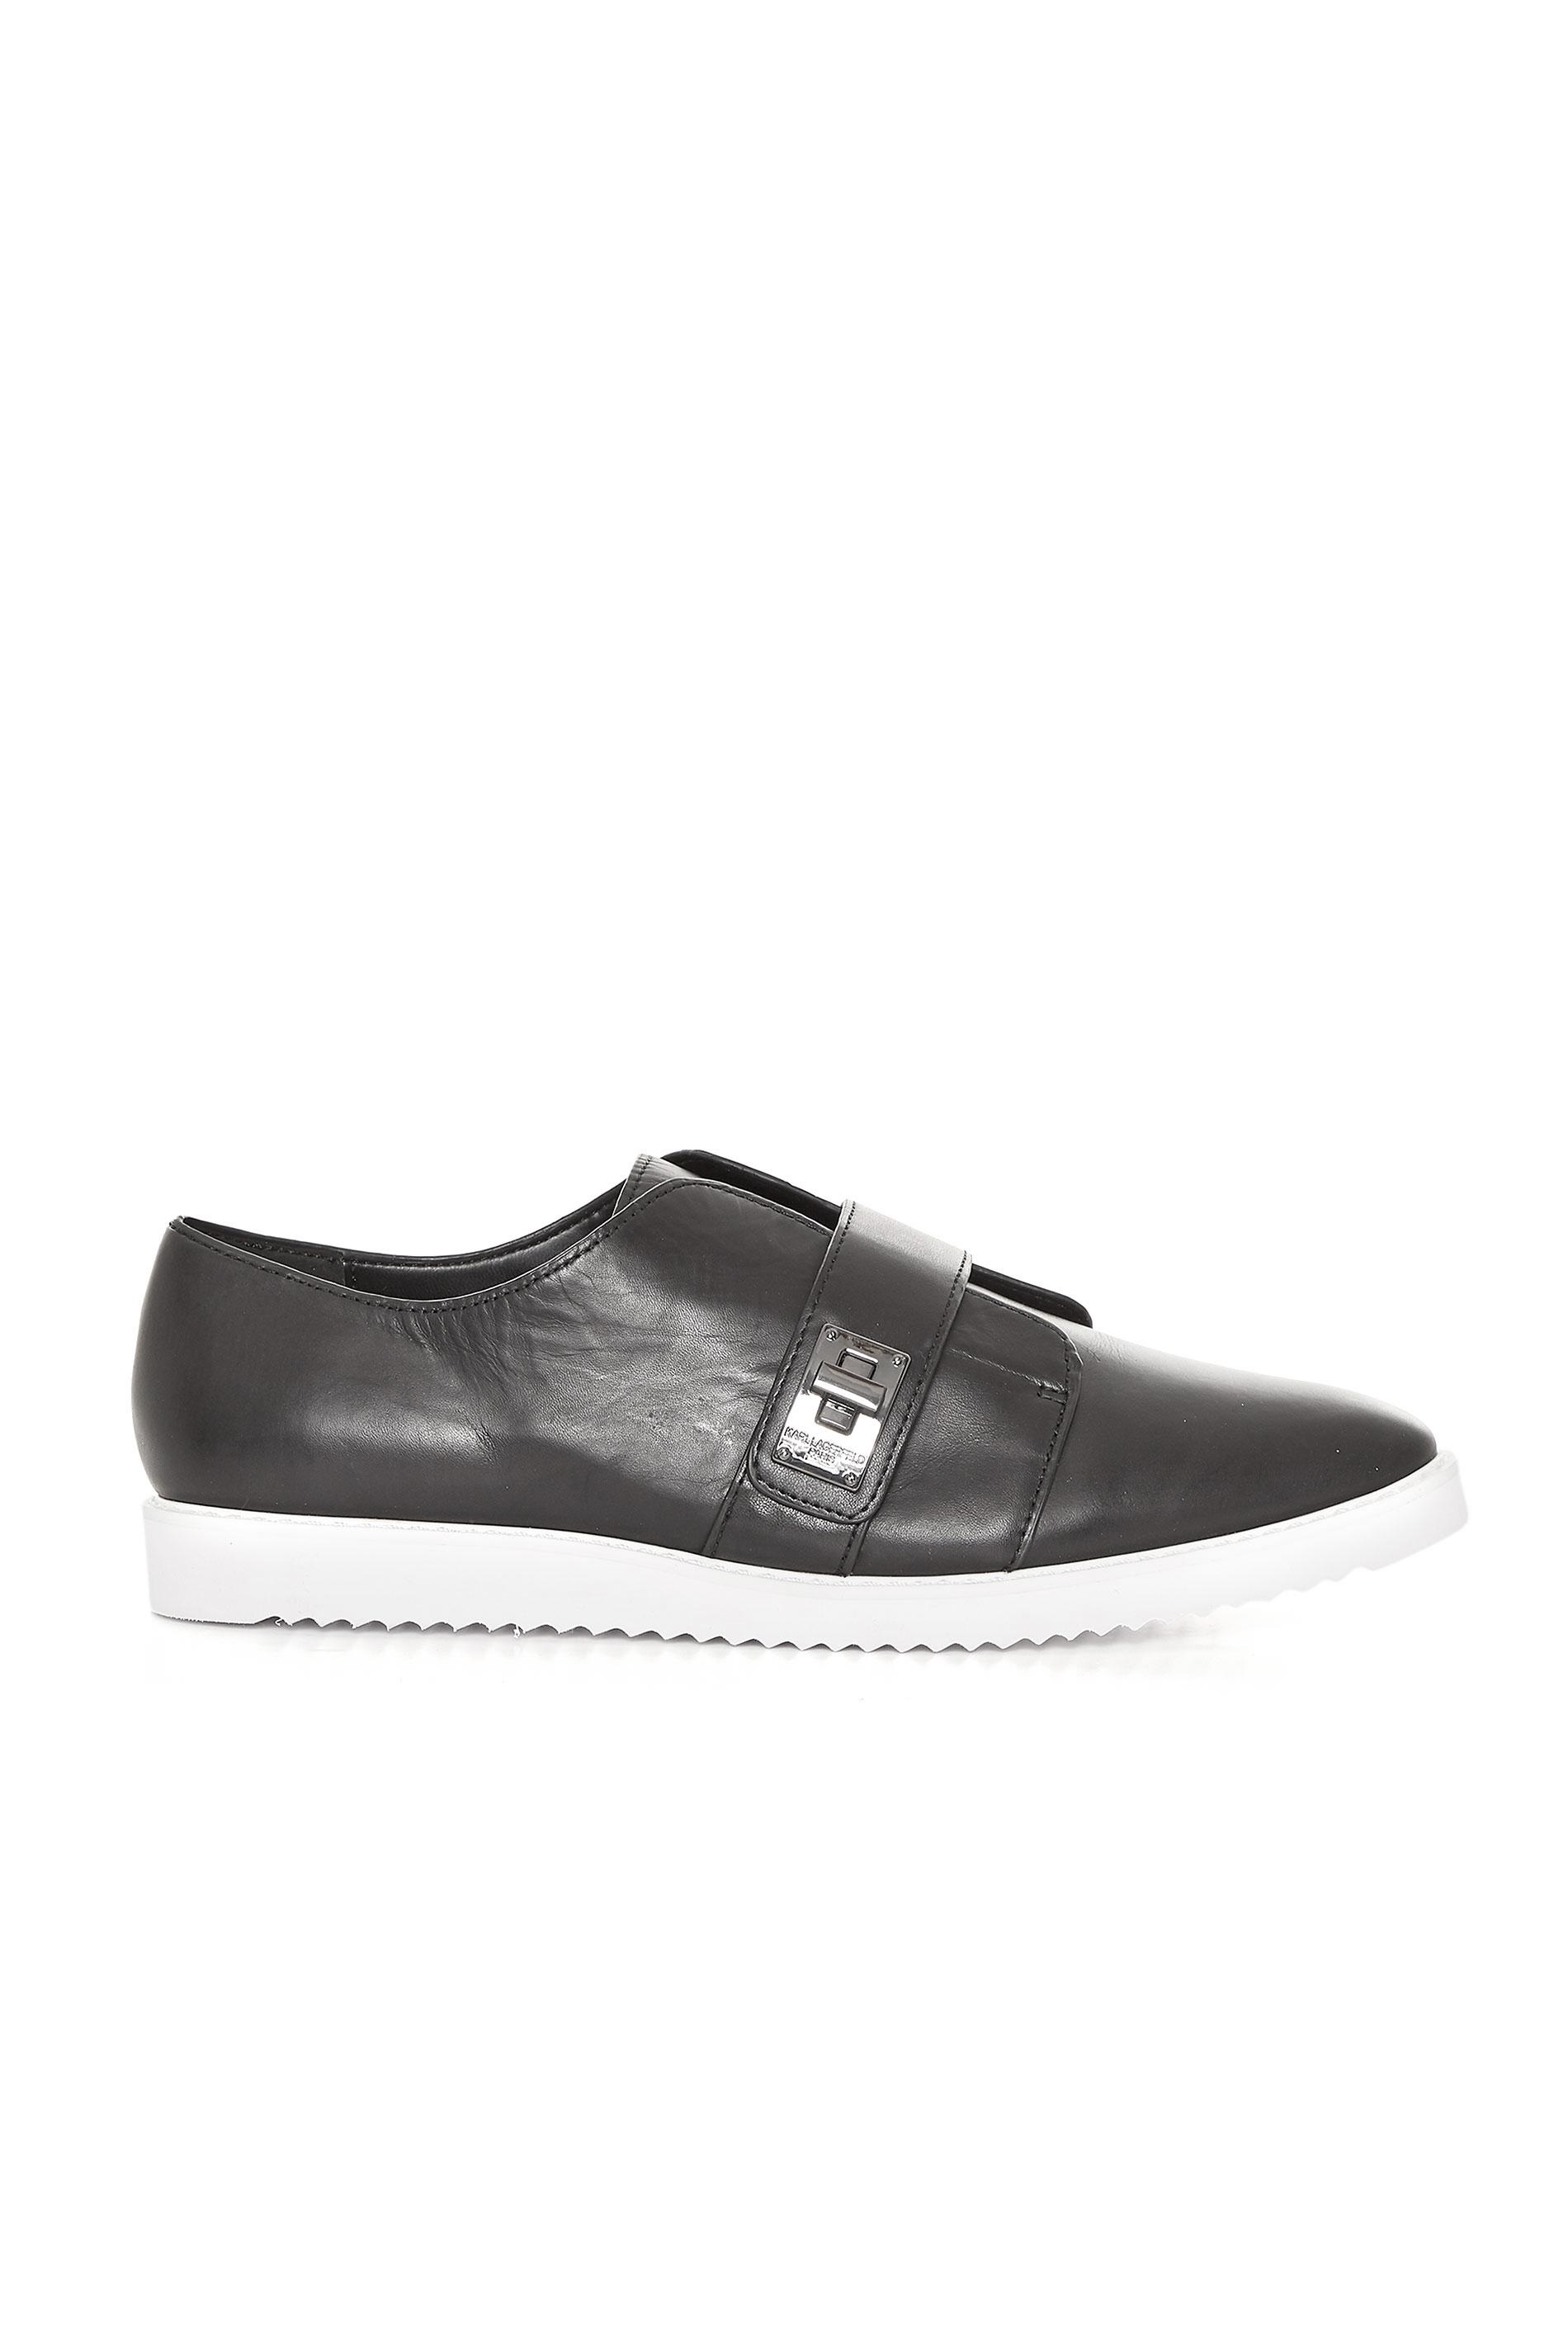 KARL LAGERFELD PARIS Black Celina Slip On Sneakers